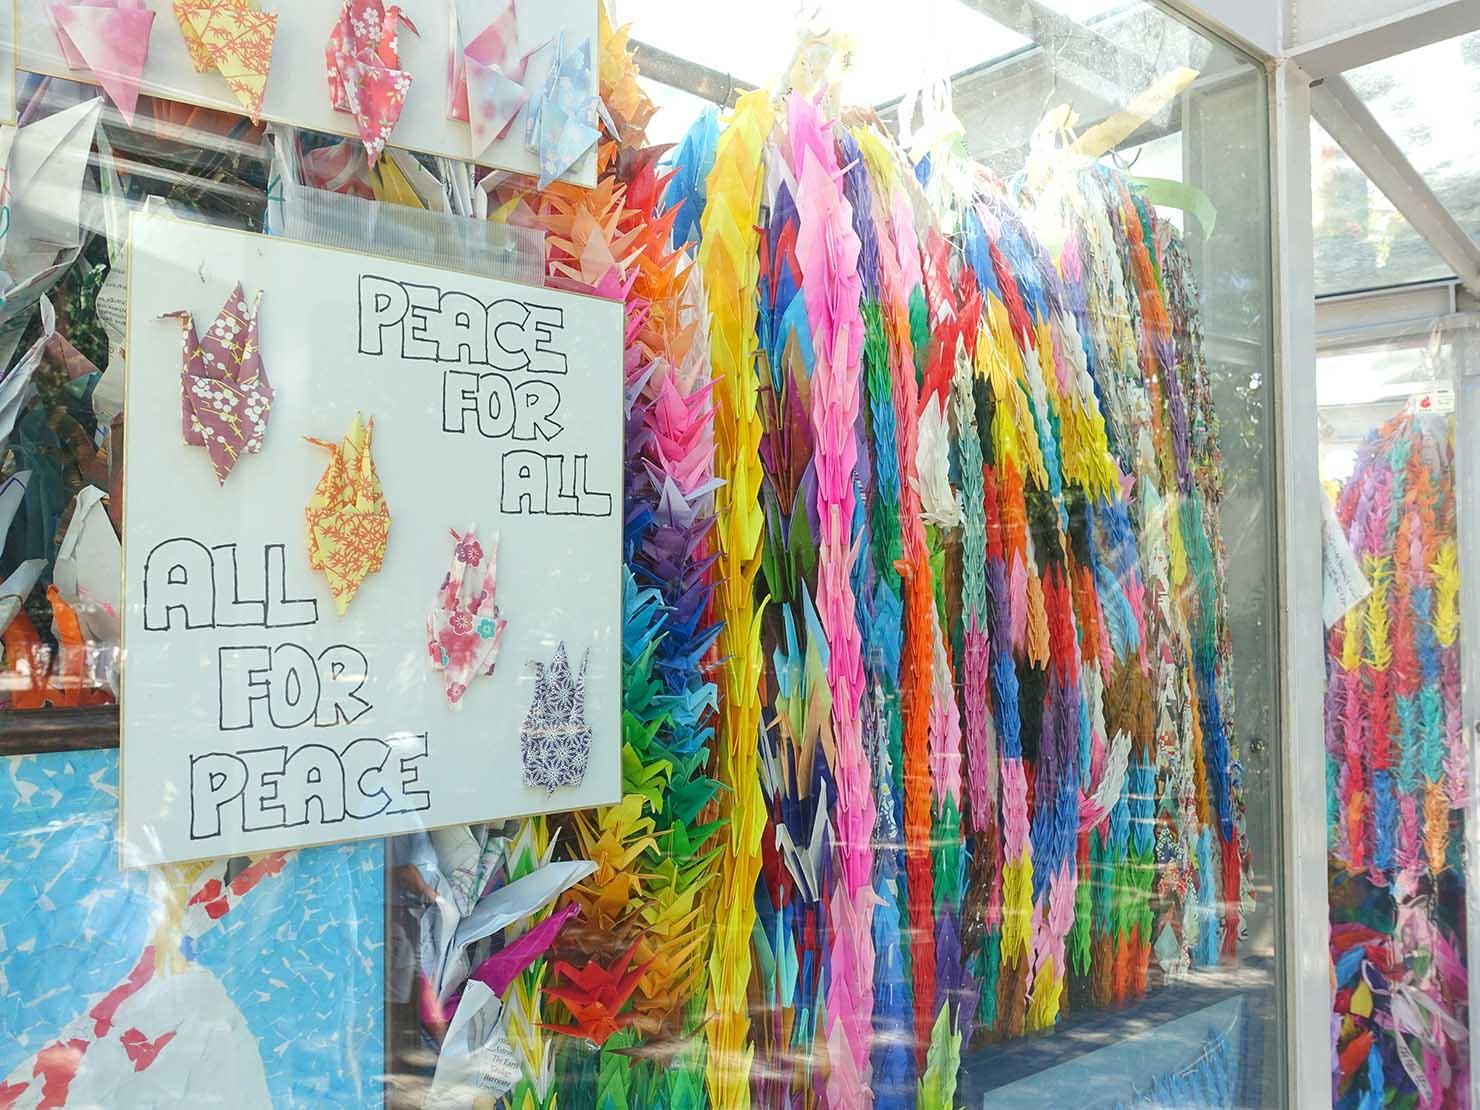 広島市内観光の見どころ「平和記念公園」に捧げられた折り鶴